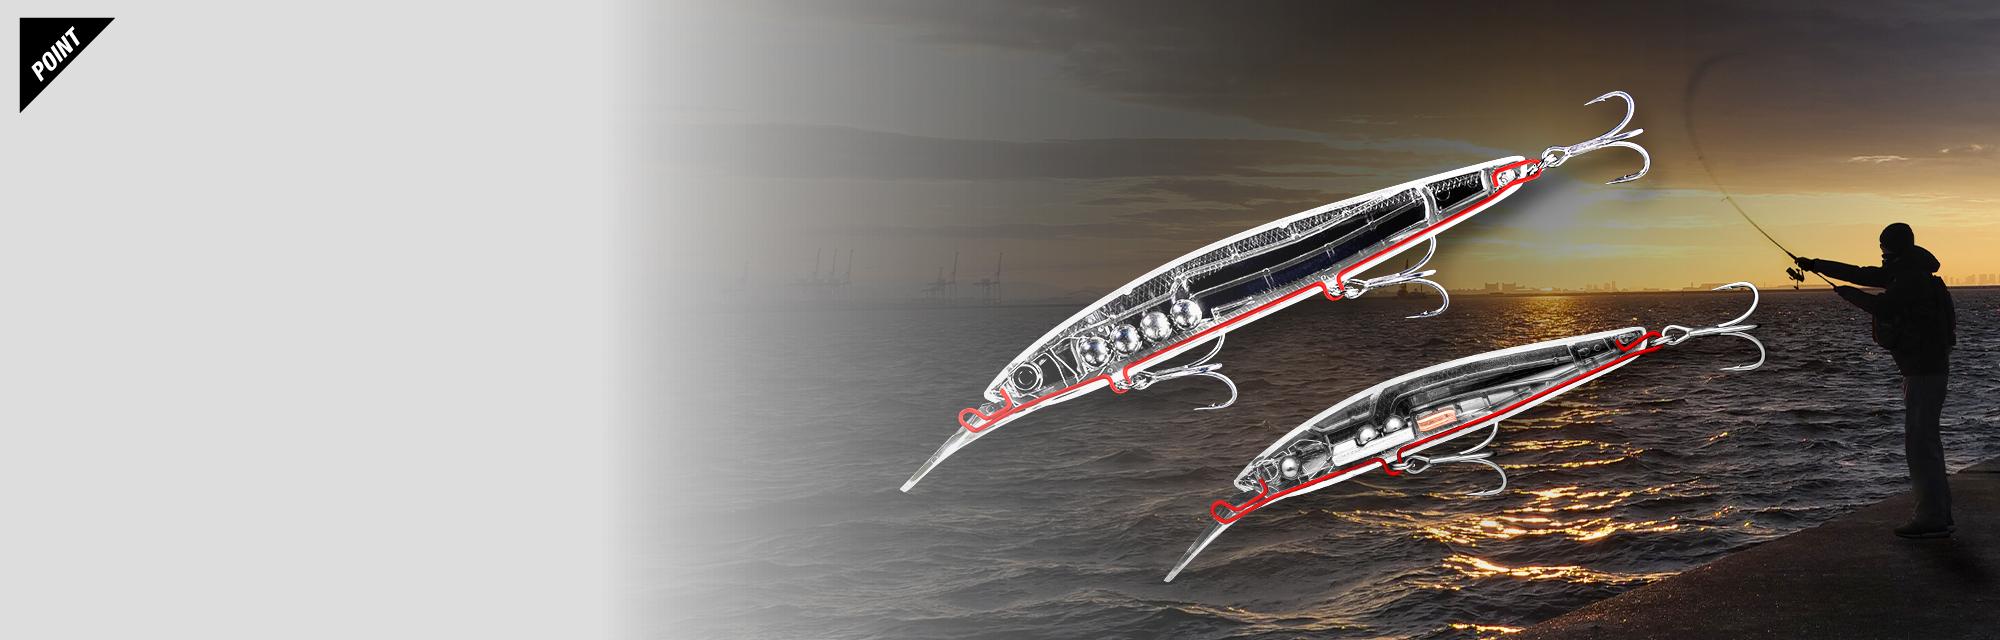 ビッグバッカーワンガンミノー 【2021 NEW MODEL】BIGBACKER WANGAN MINNOW / ビッグバッカー湾岸ミノー